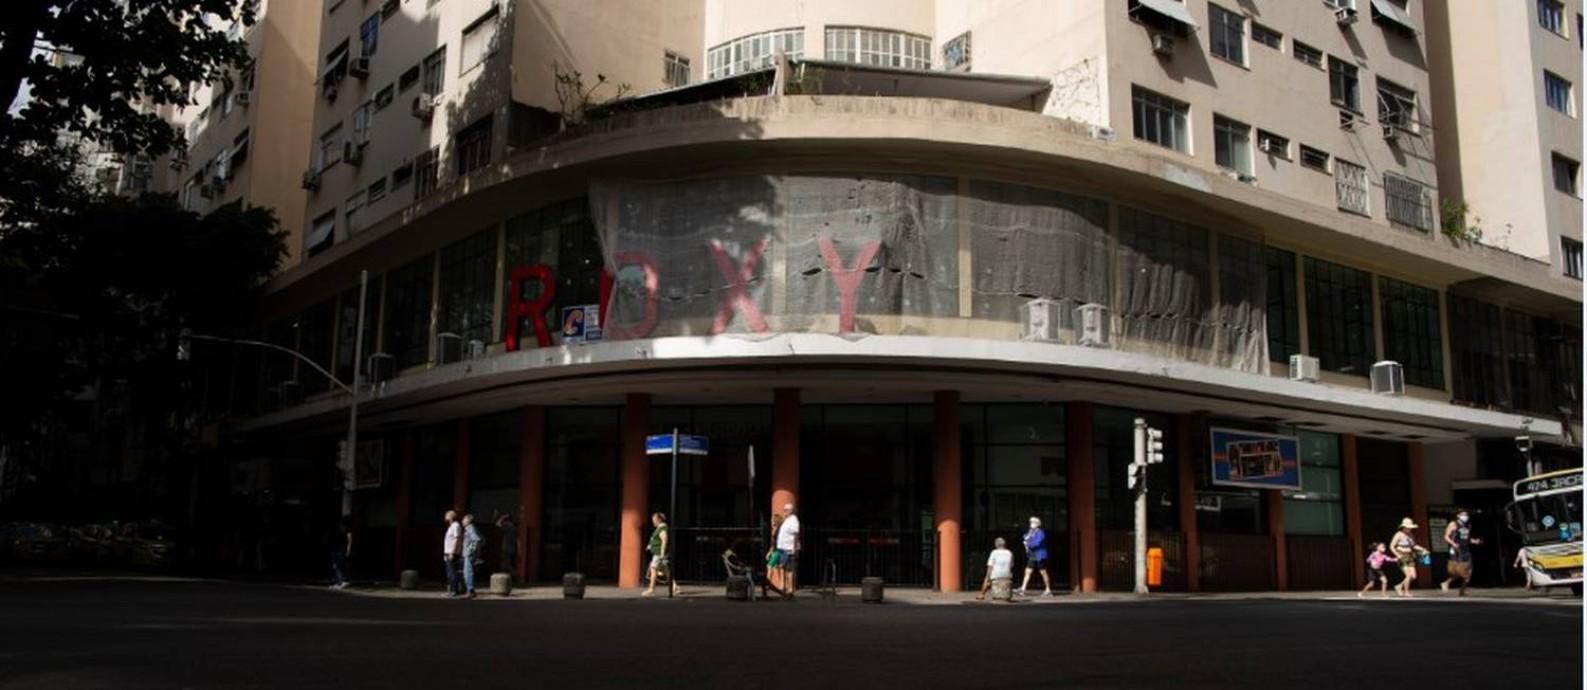 Tela cobre parte do famoso letreiro vermelho: última sessão do cinema que restou em Copacabana foi em novembro Foto: Márcia Foletto / Agência O Globo